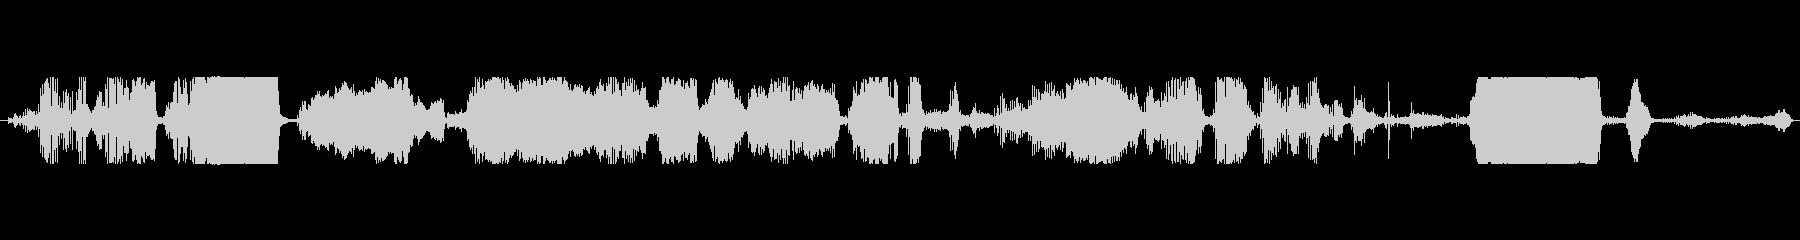 豚 群れグラントスクリームメニー01の未再生の波形